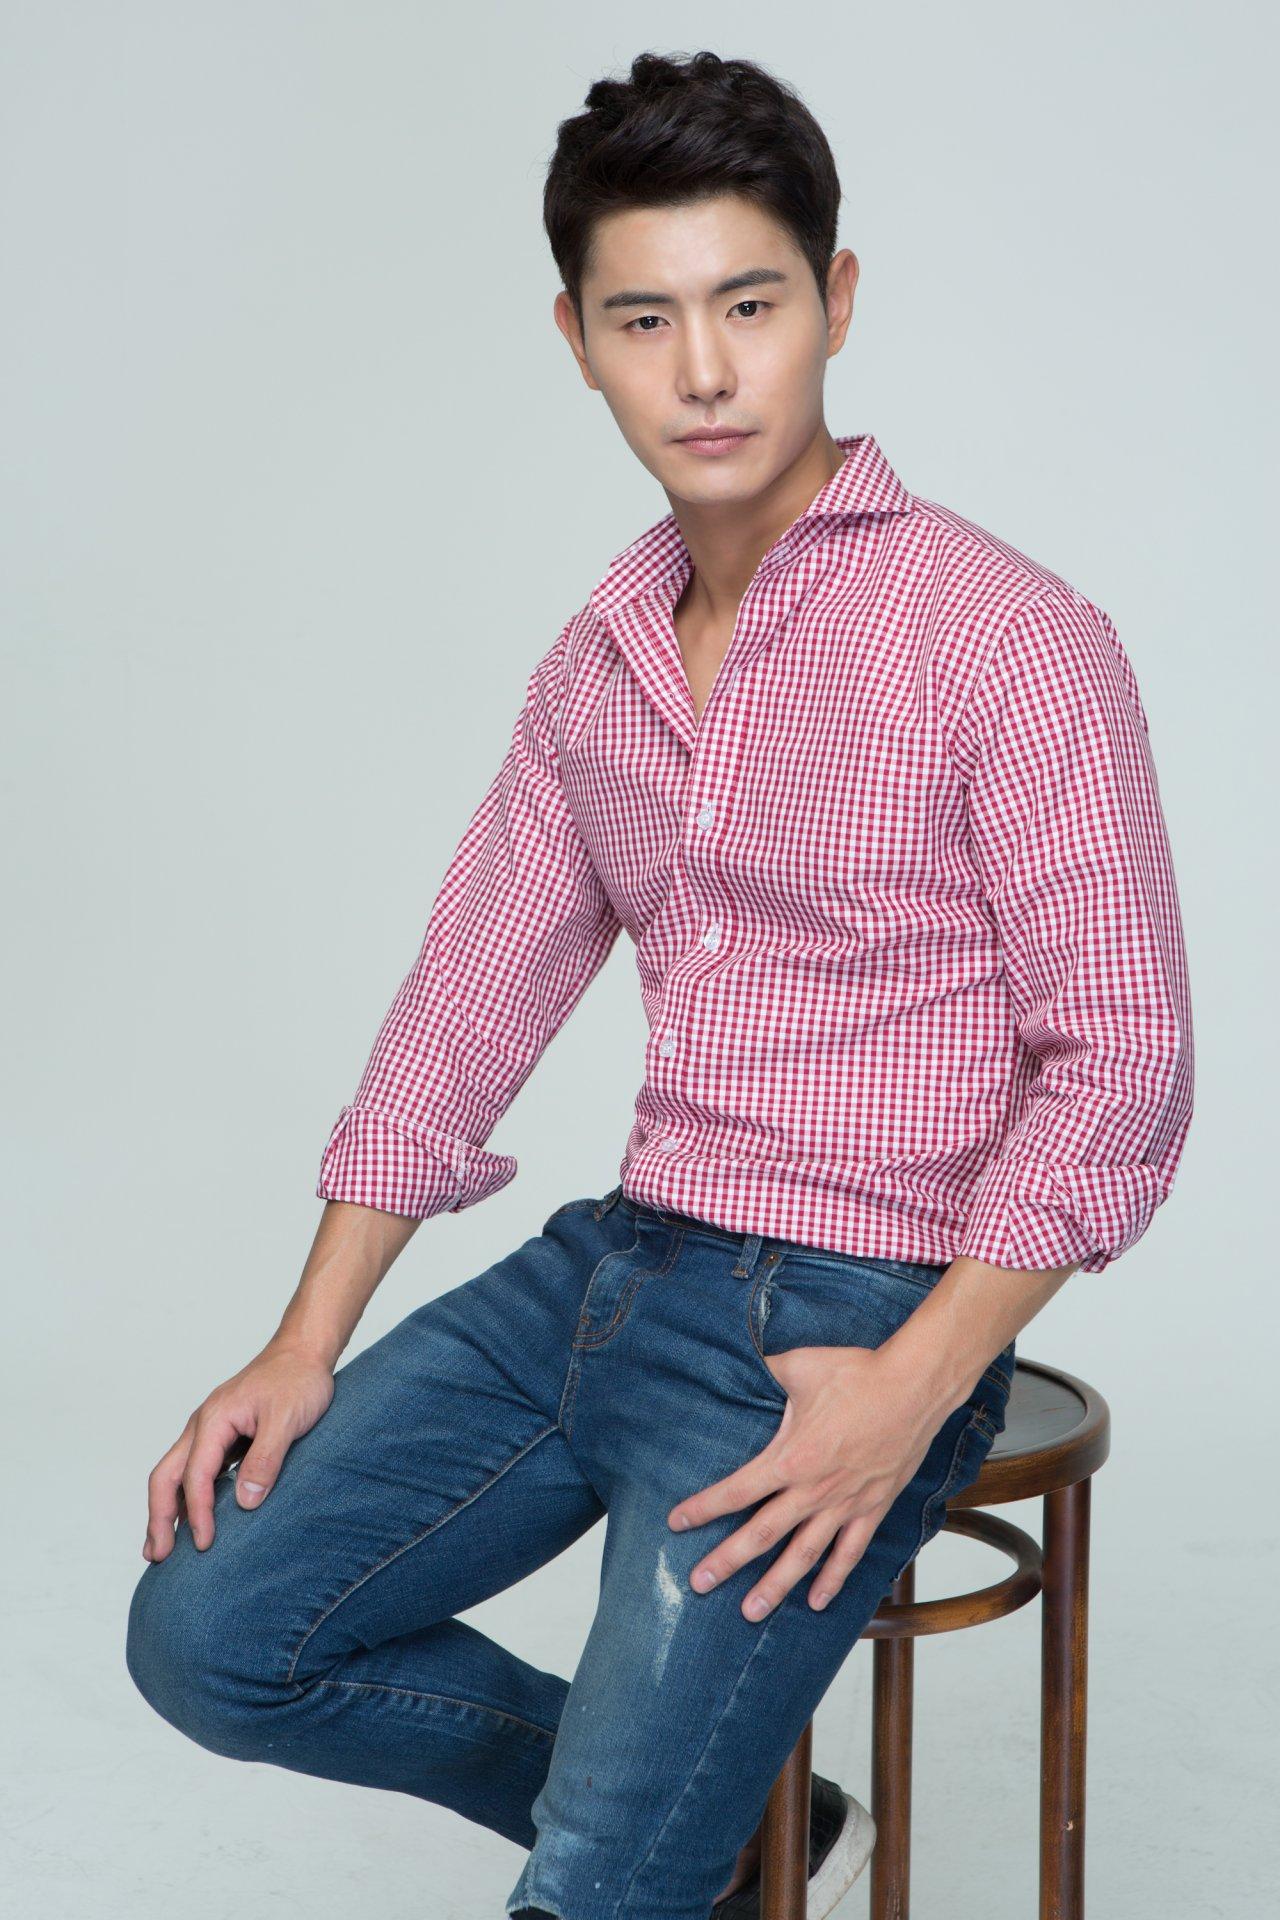 Model Factory Korean Male Model OhMG